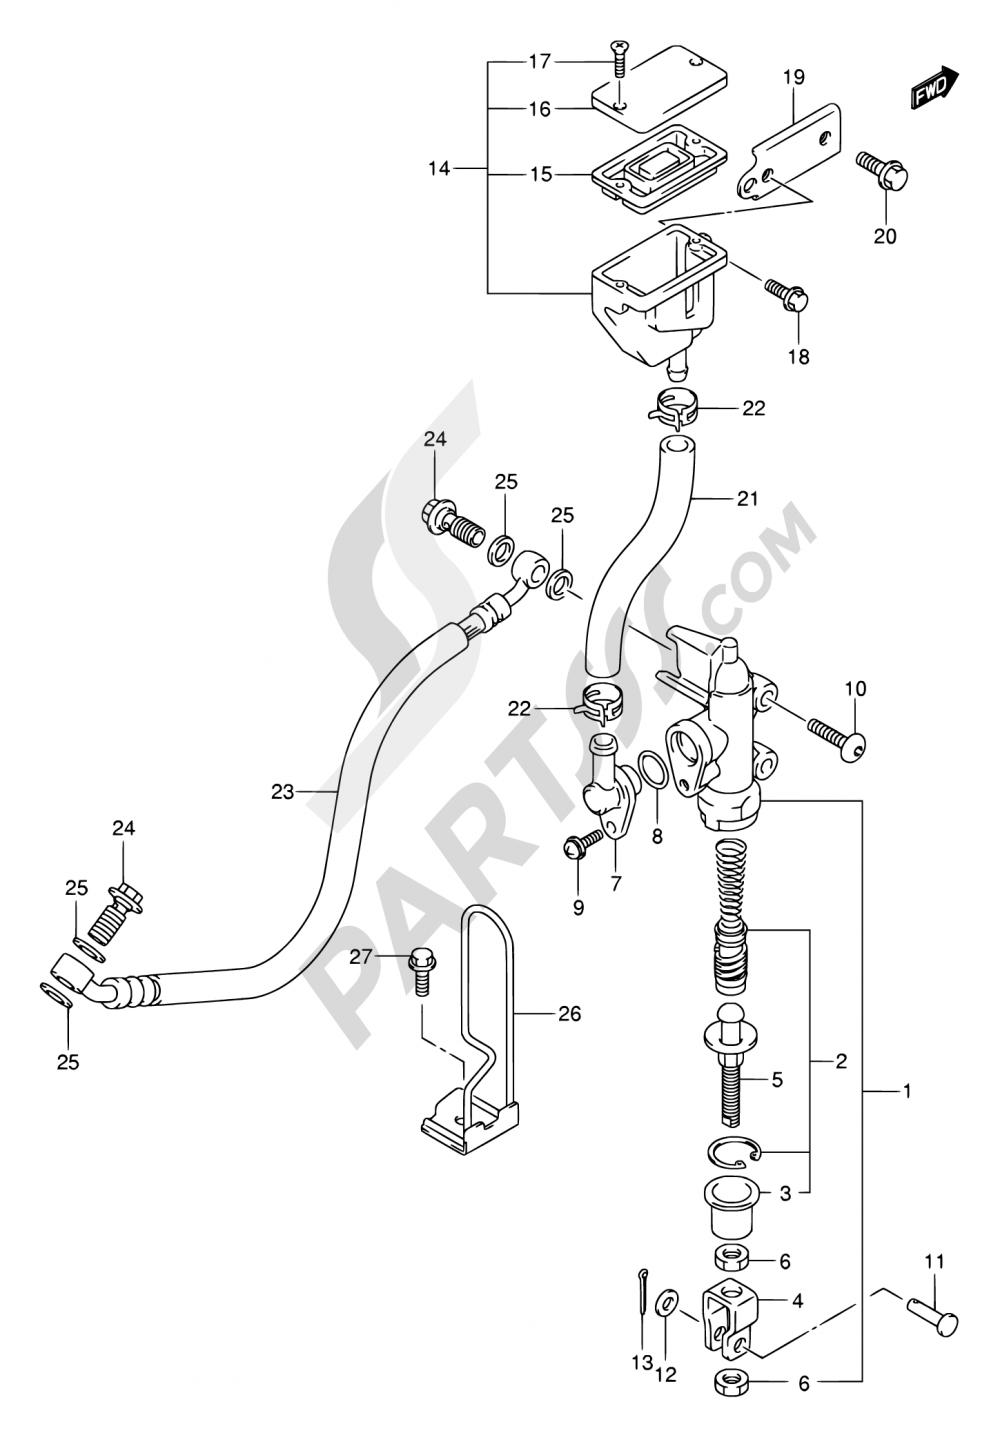 61A - REAR MASTER CYLINDER (SV1000K3/U1K3/U2K3/K4/U1K4U2K4/SK4/S1K4/S2K4) Suzuki SV1000 2005